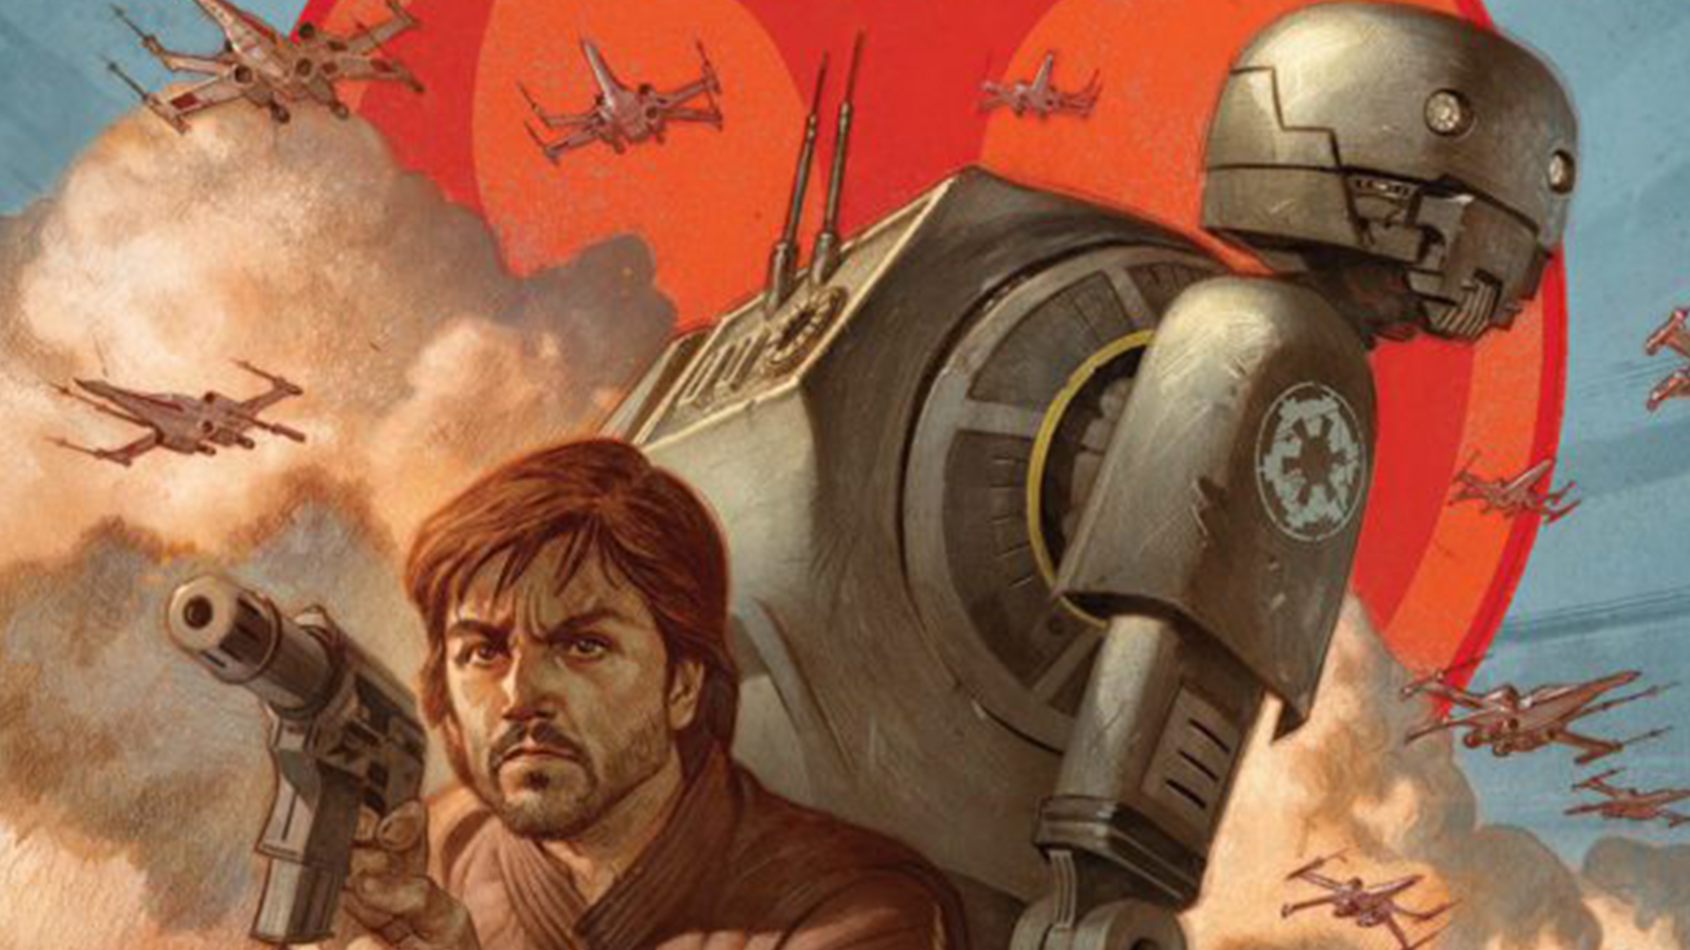 Un comic prologue 'Rogue One' sur Cassian & K-2SO